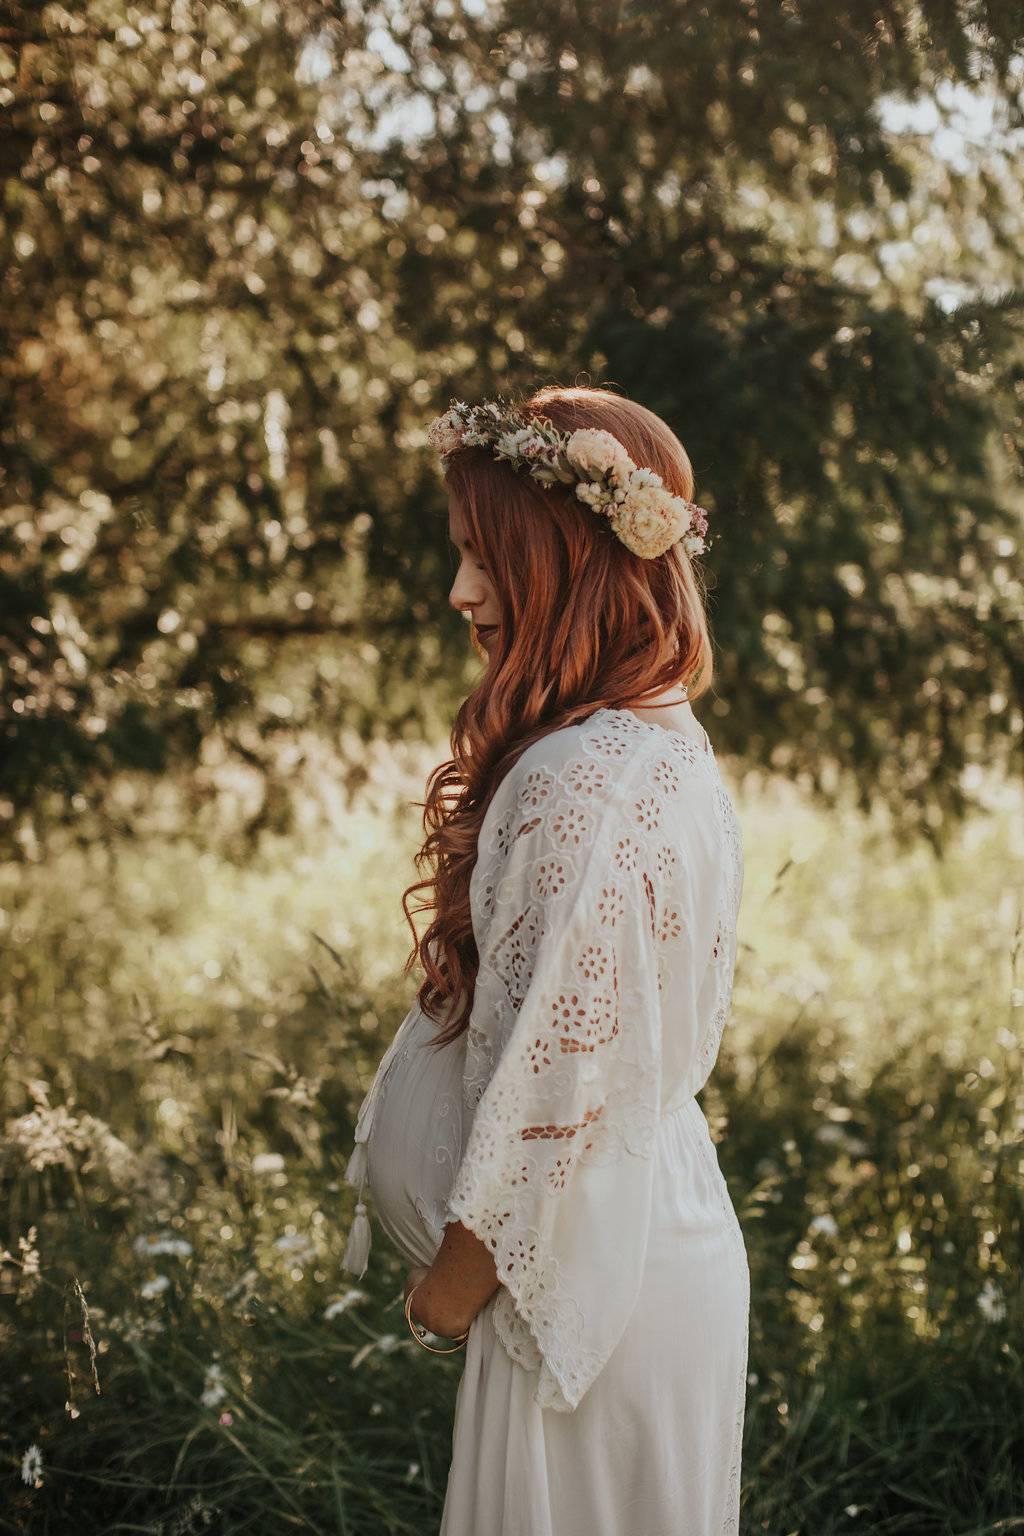 Zwanger en trouwen in trouwjurk